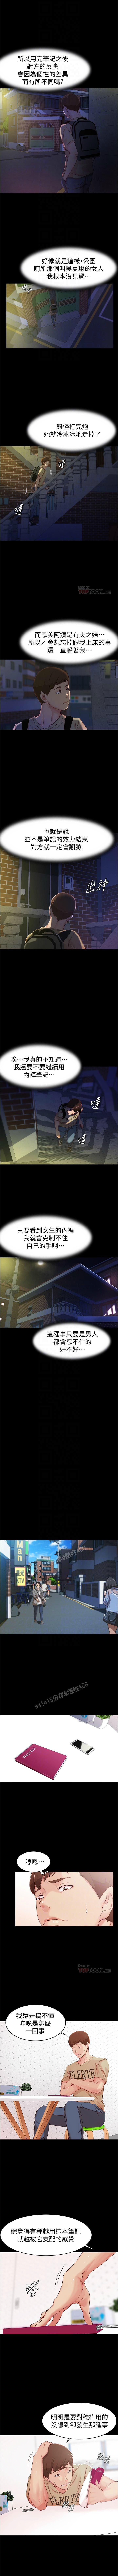 panty note 小褲褲筆記 小裤裤笔记 01-35 连载中 中文 重新排序 Reorder 165